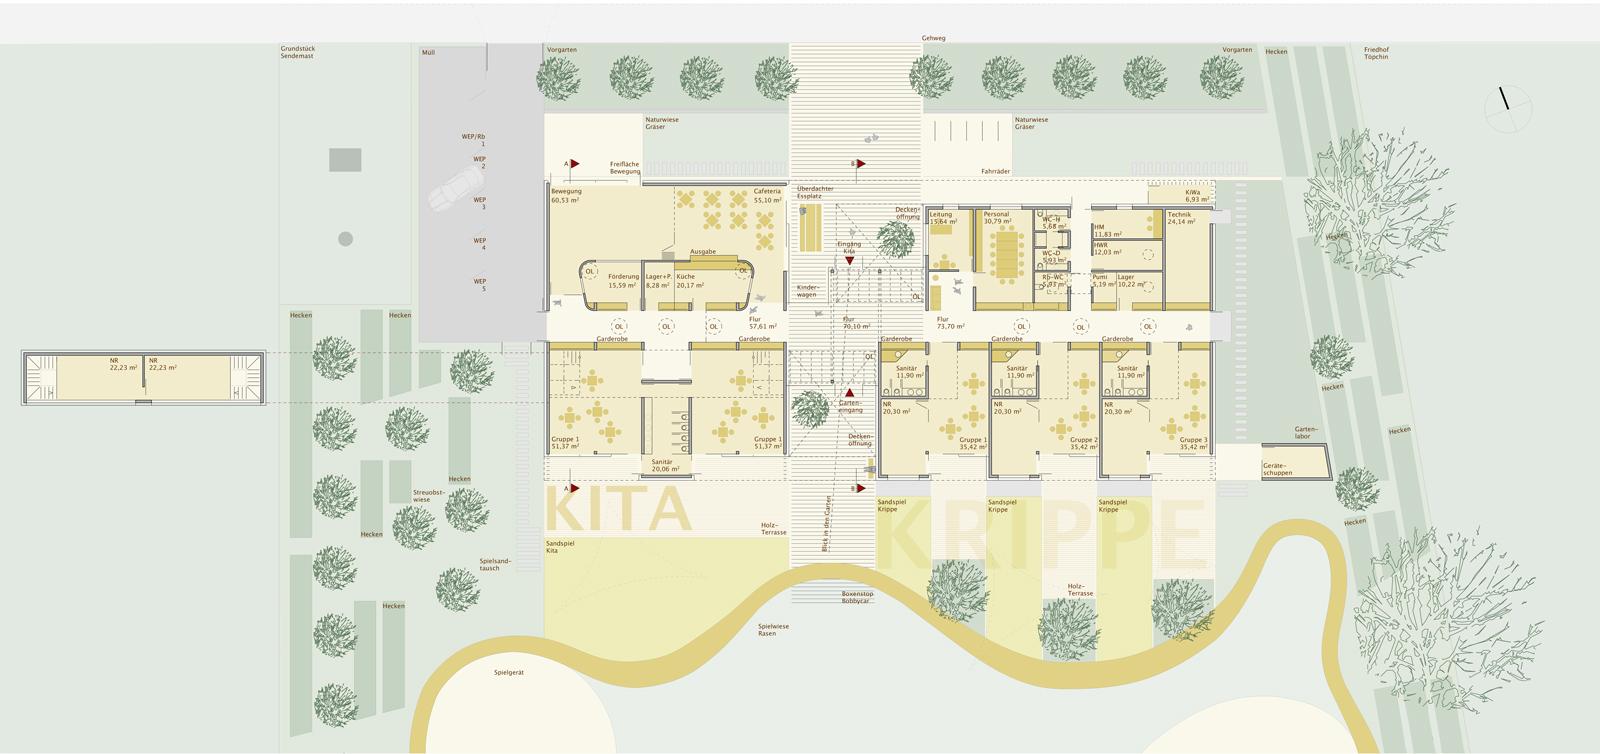 toepchin-lageplan-Außenanlagen-landschaftsarchitektur-planung-kita